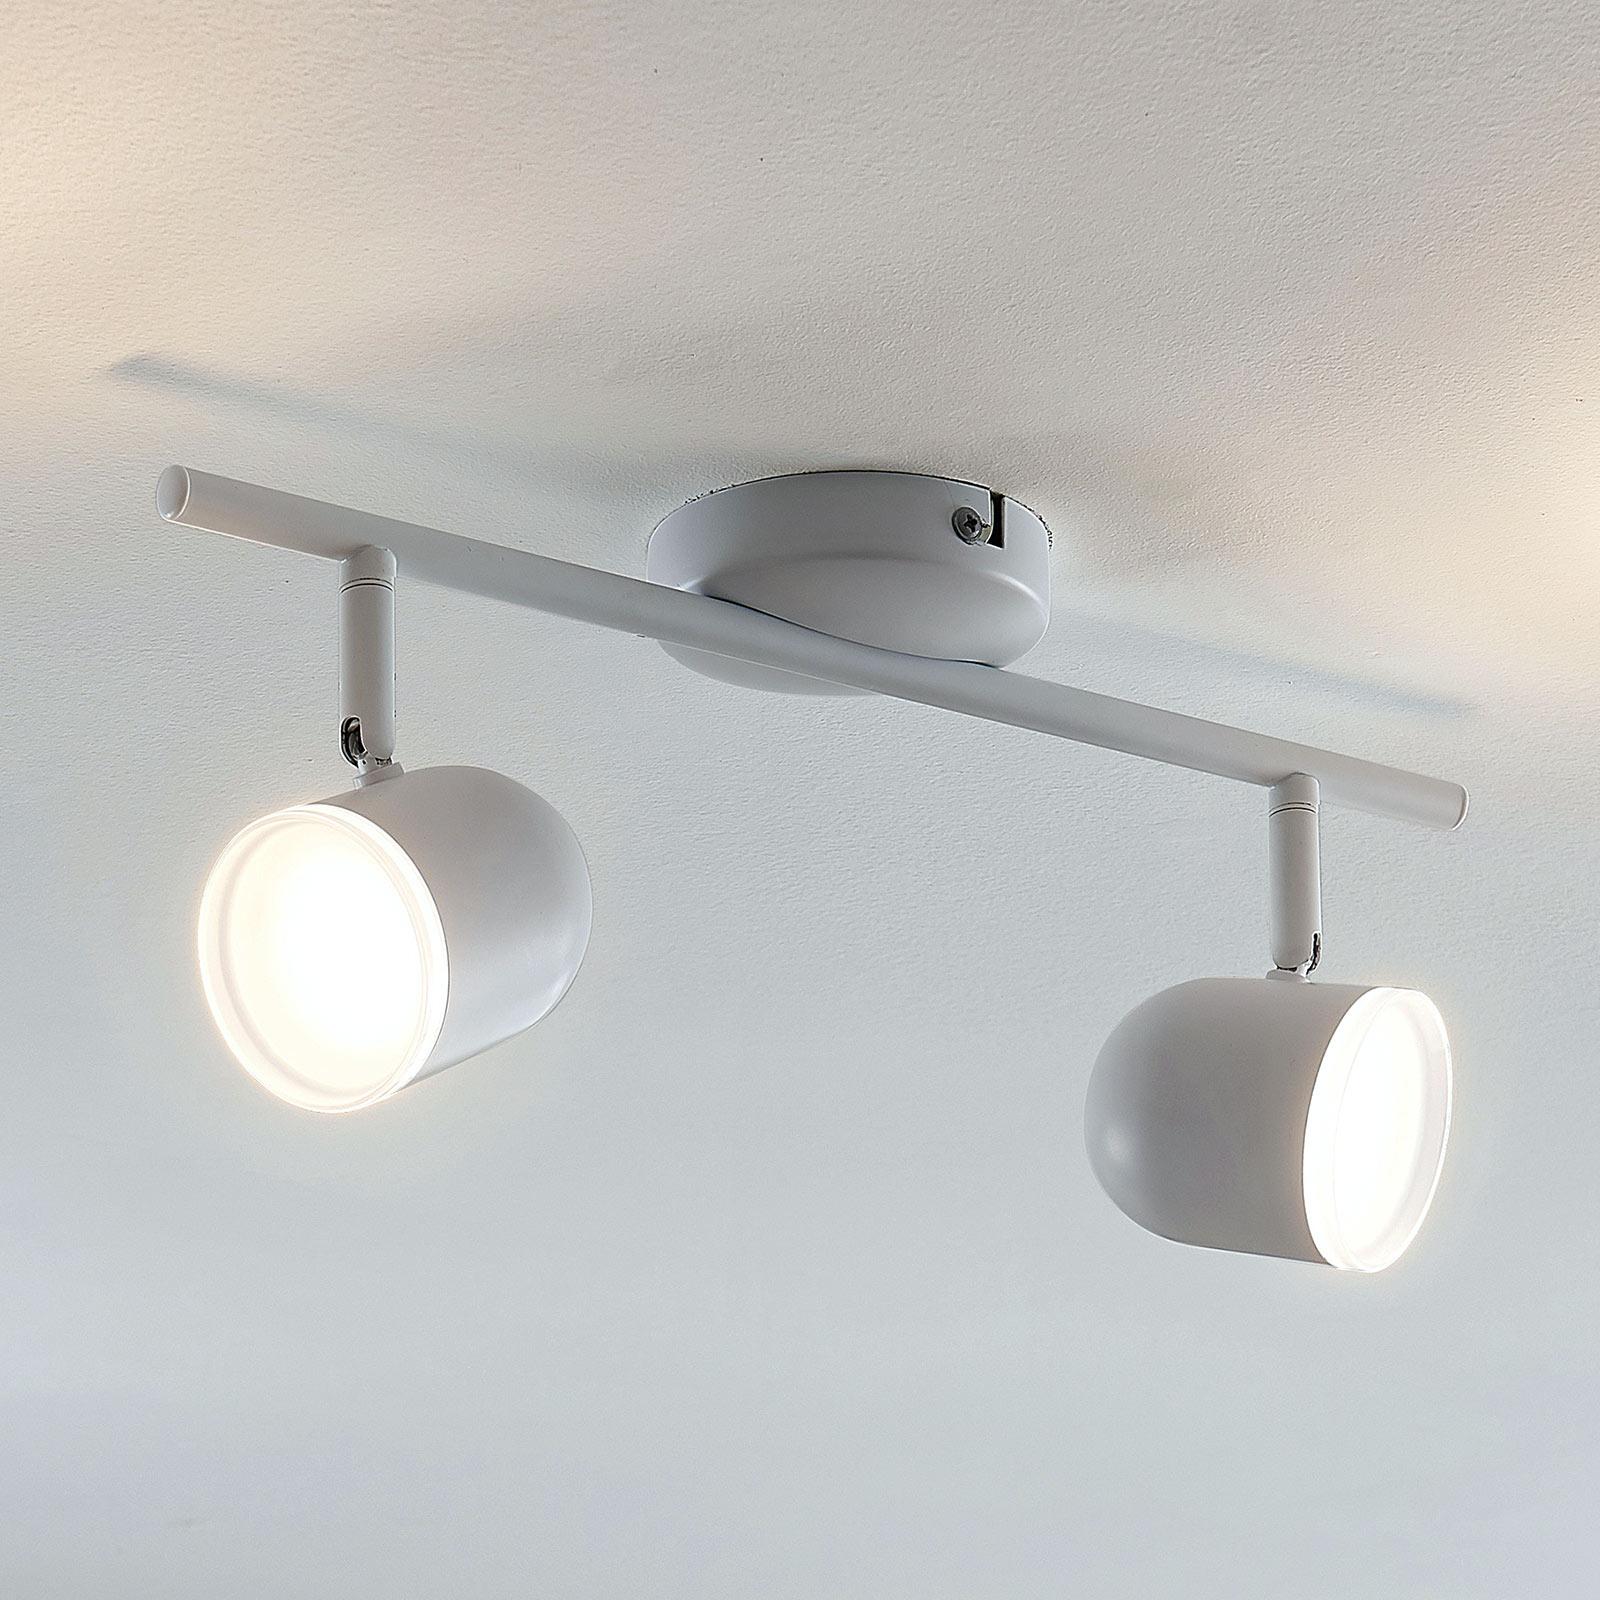 Lampa sufitowa LED Ilka z regulacją, biała, 2-pkt.